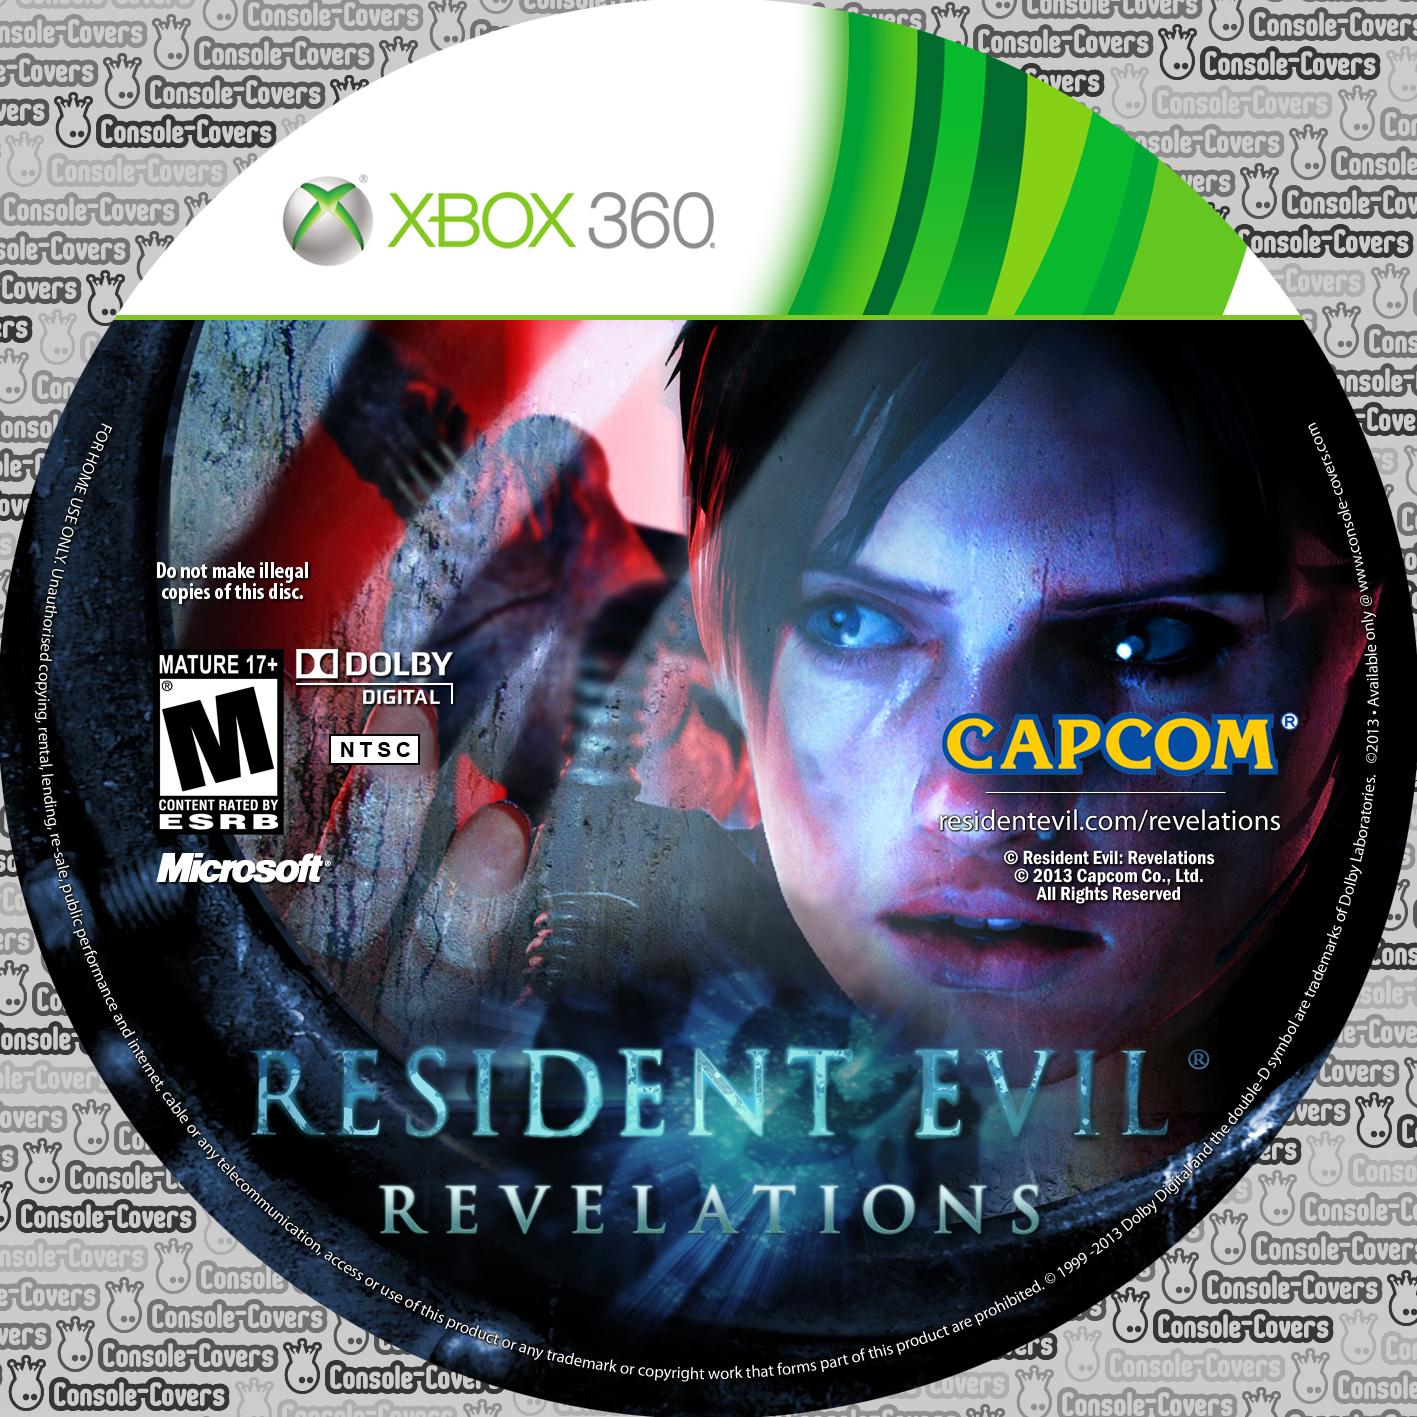 Resident Evil - Revelations cd.jpg